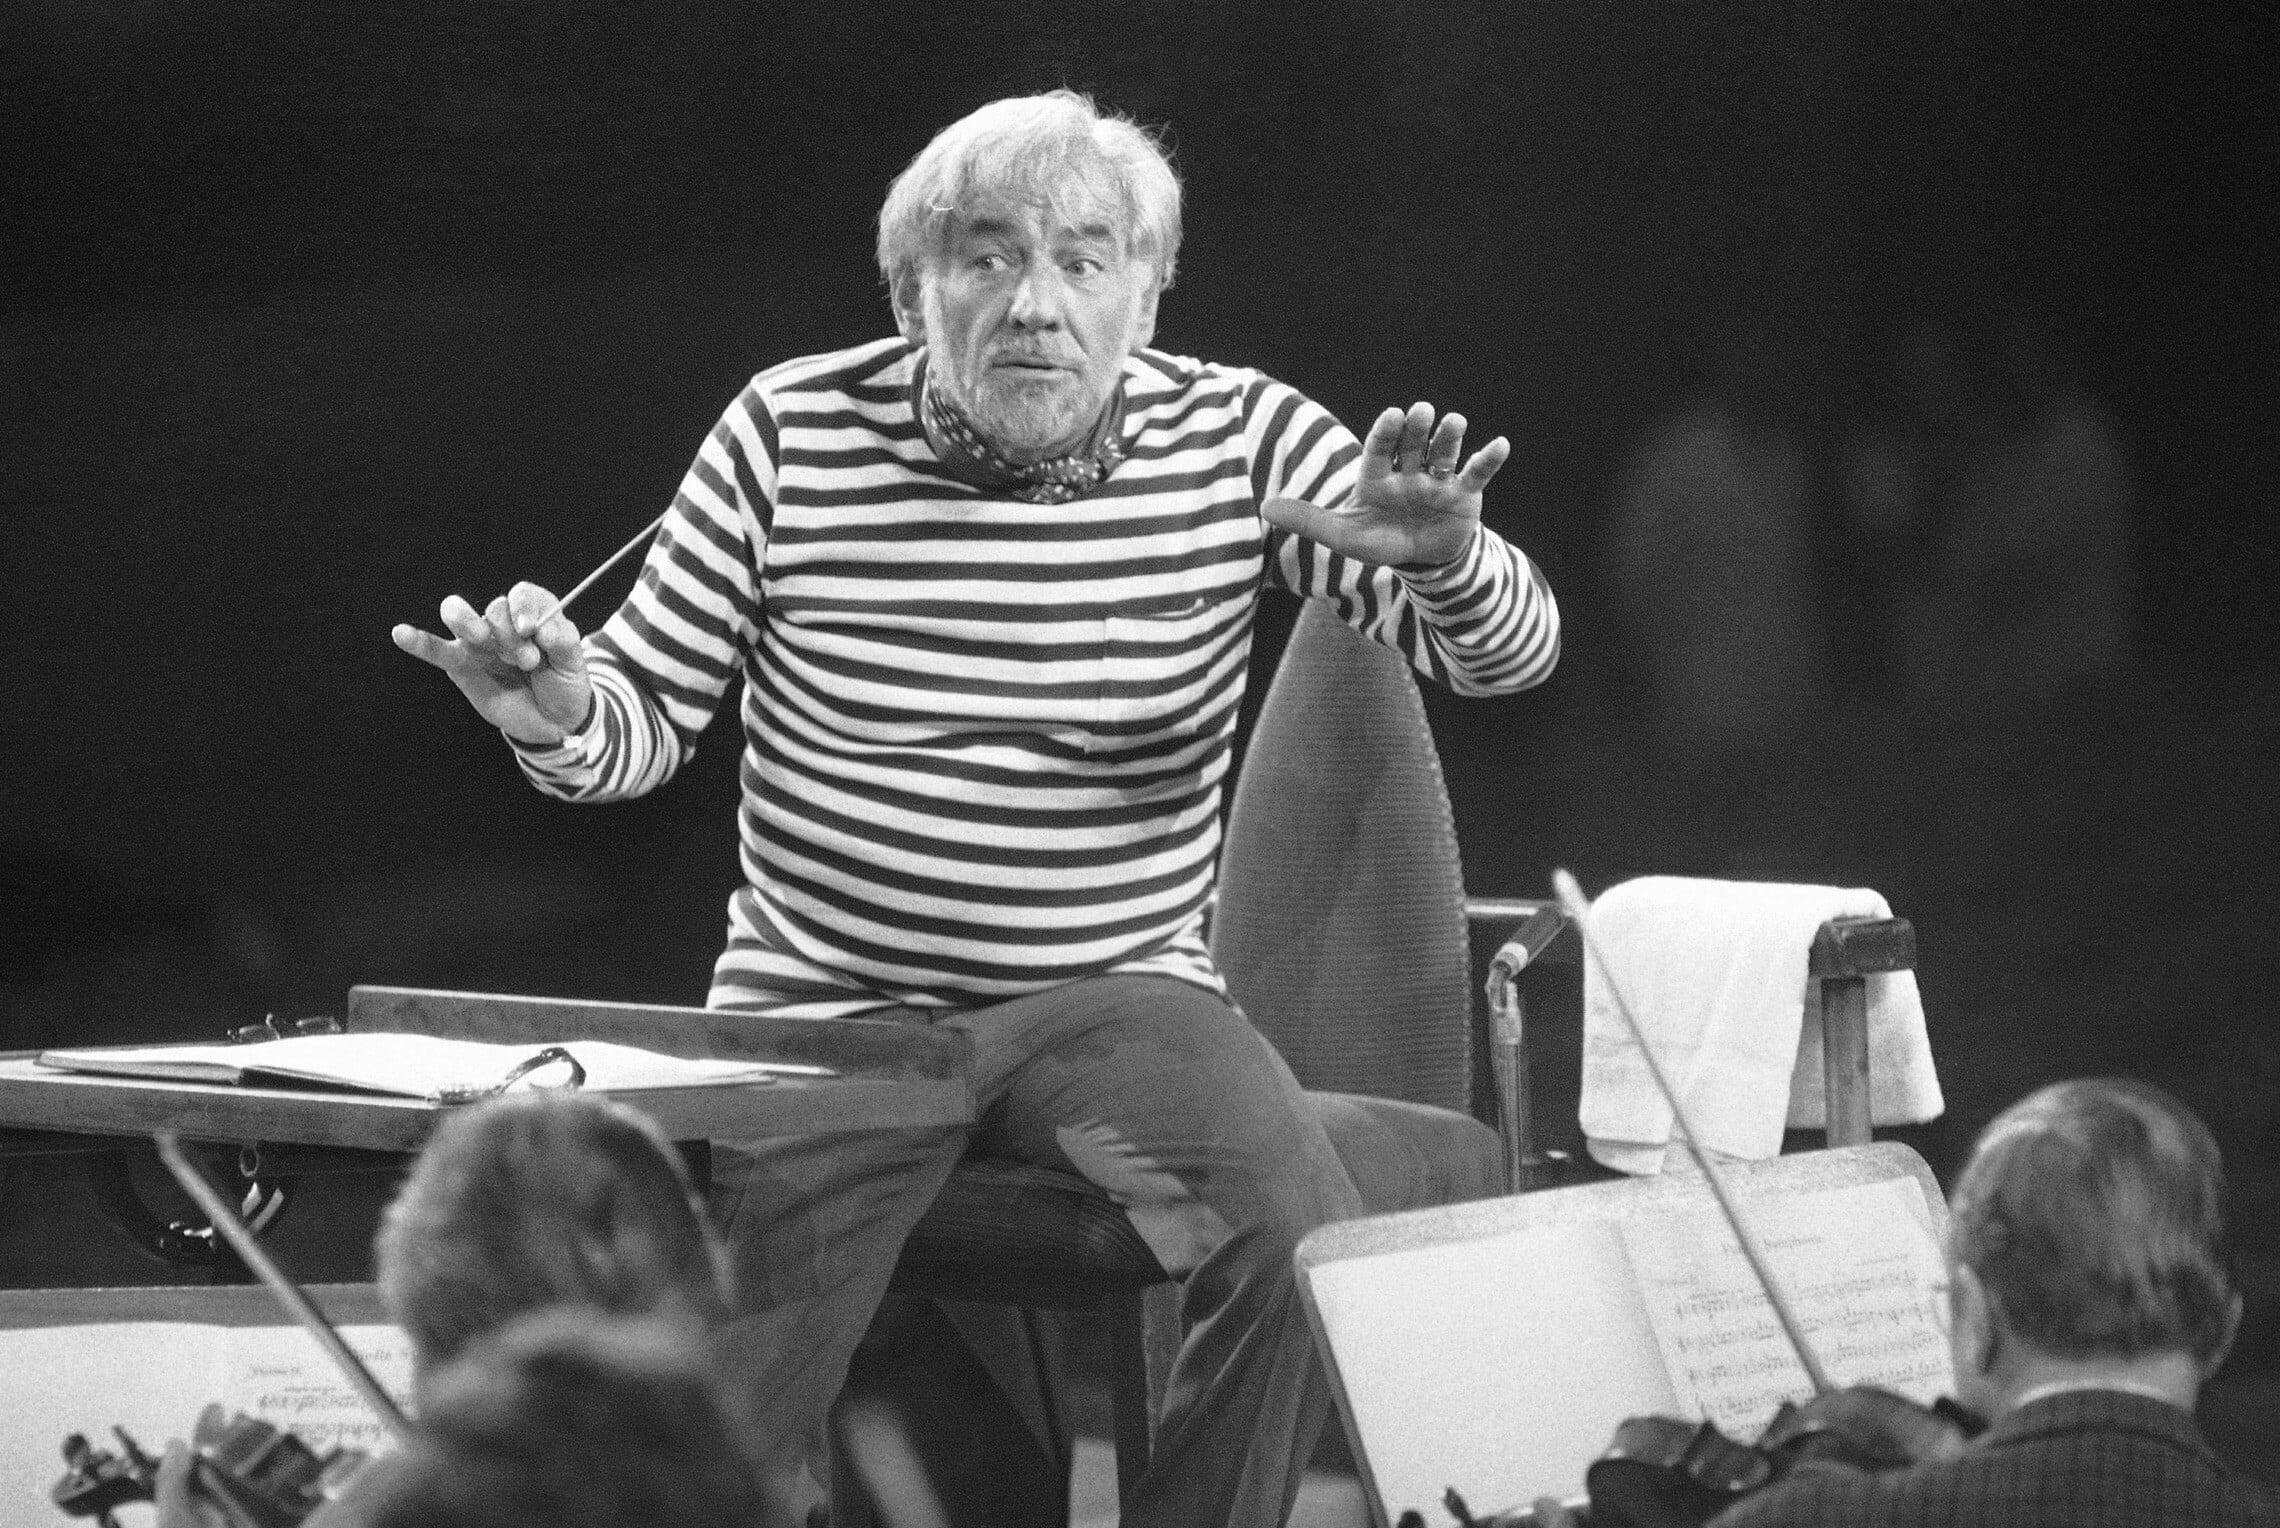 לאונרד ברנשטיין ב-1976. הרוקסטאר של המוזיקה הקלאסית (צילום: AP Photo/Dieter EndlicherAP Photo/Dieter Endlicher)